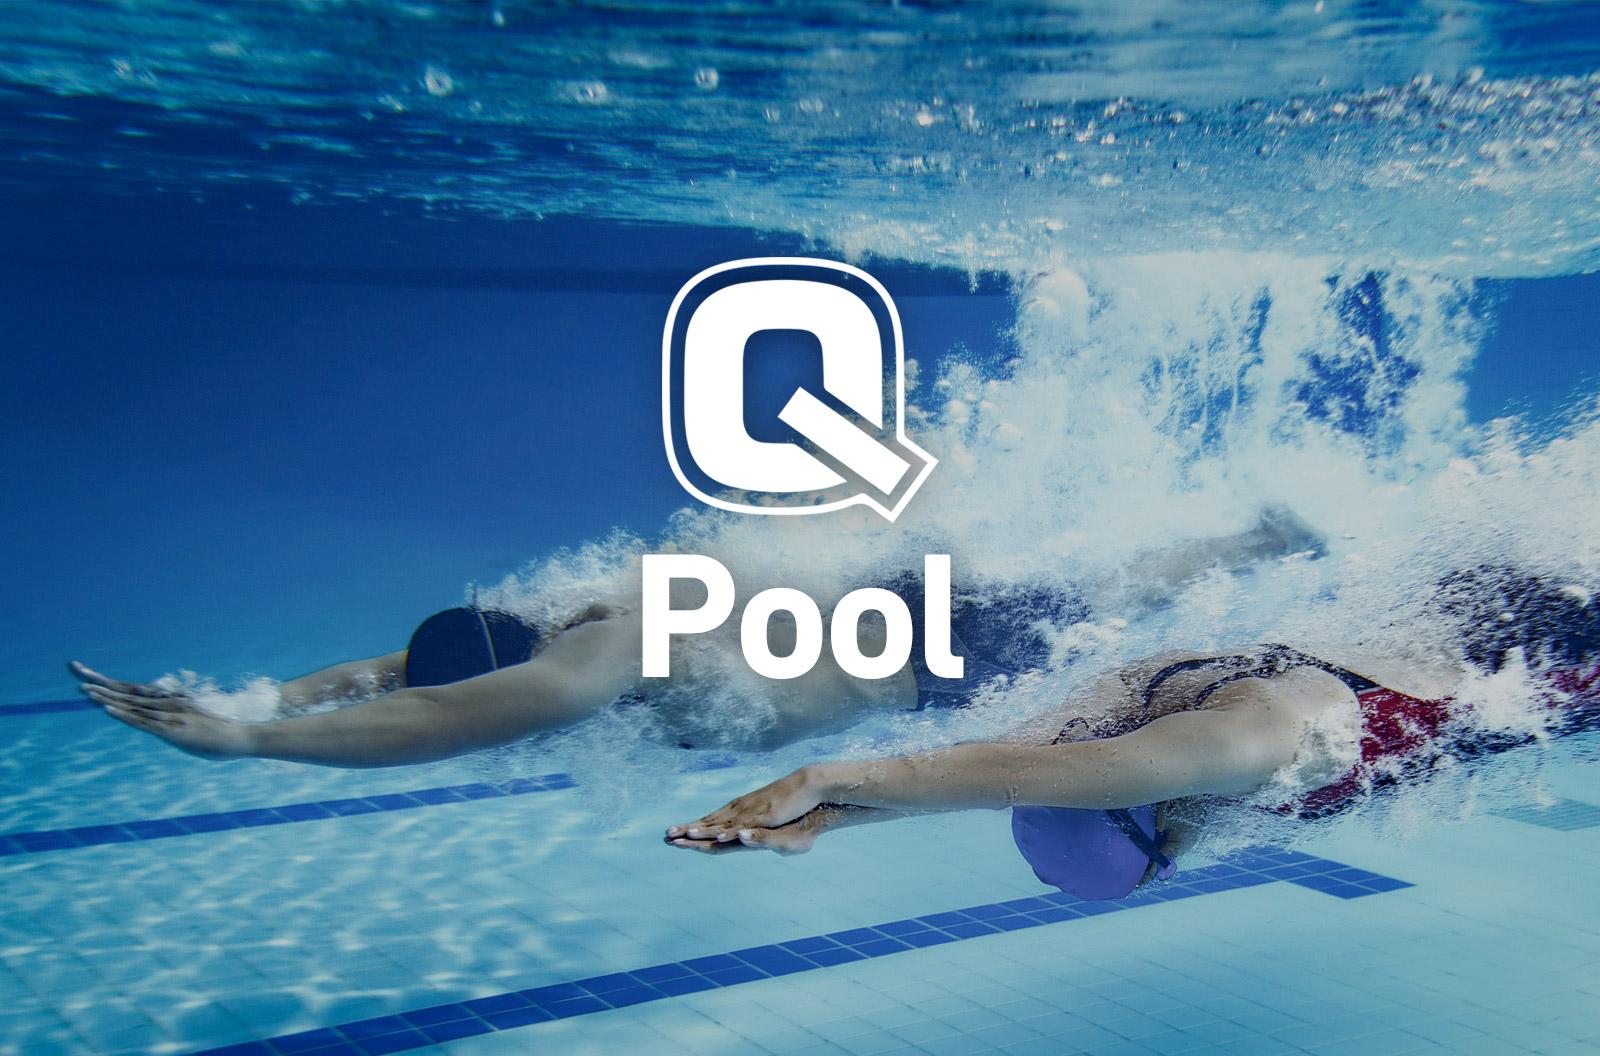 Quimidex Pool